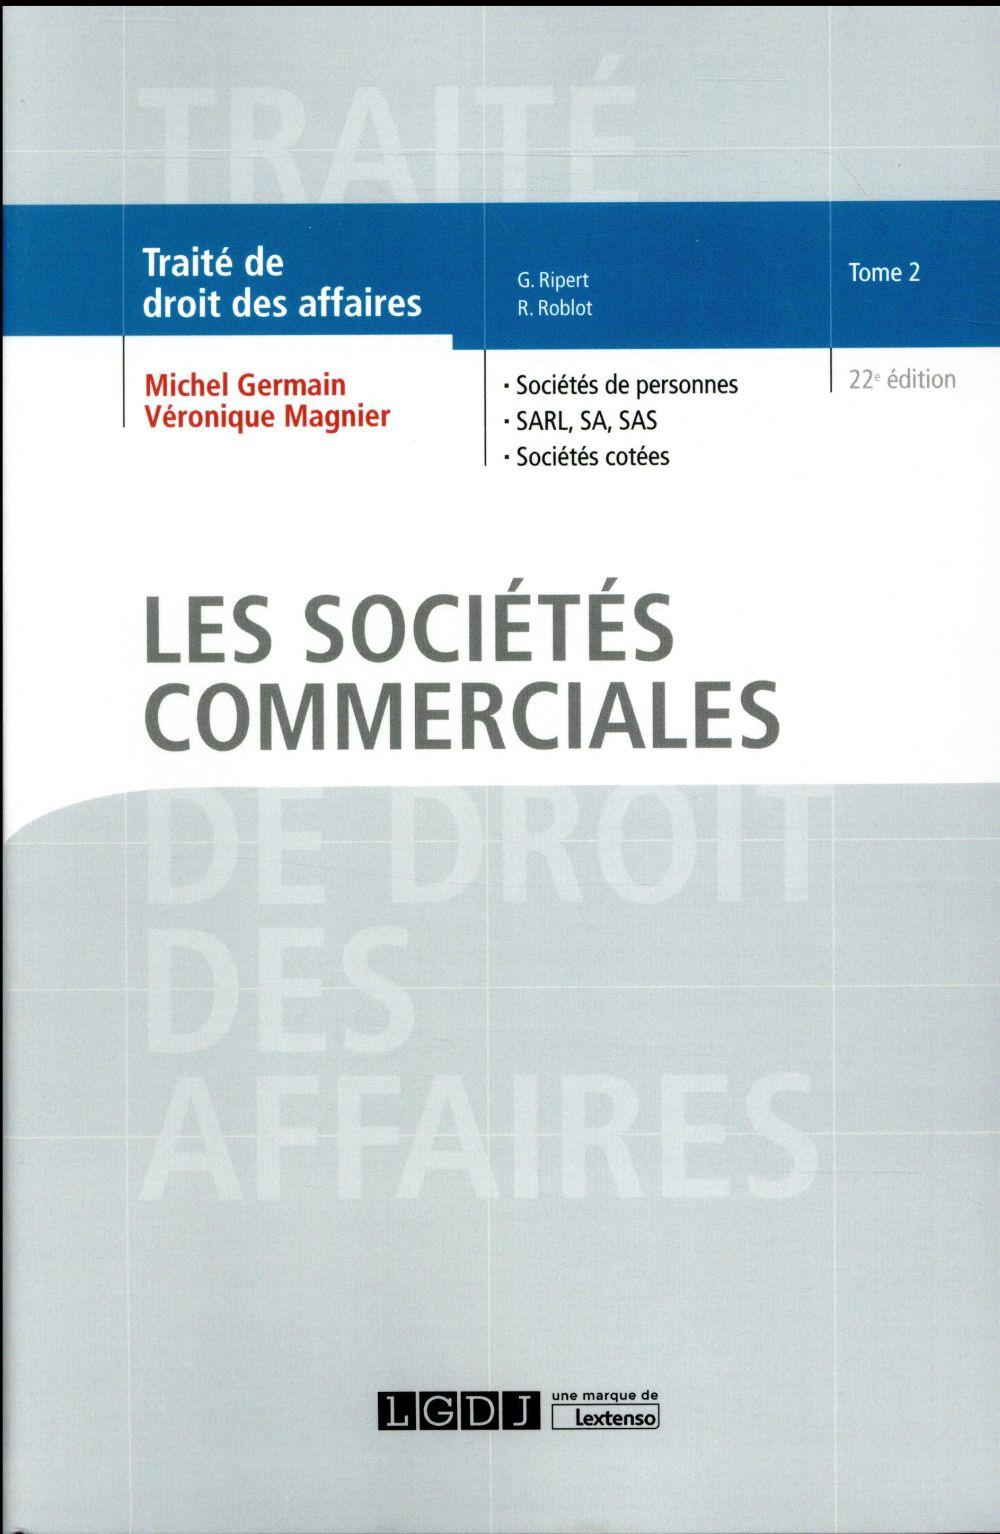 Les sociétés commerciales (22e édition)